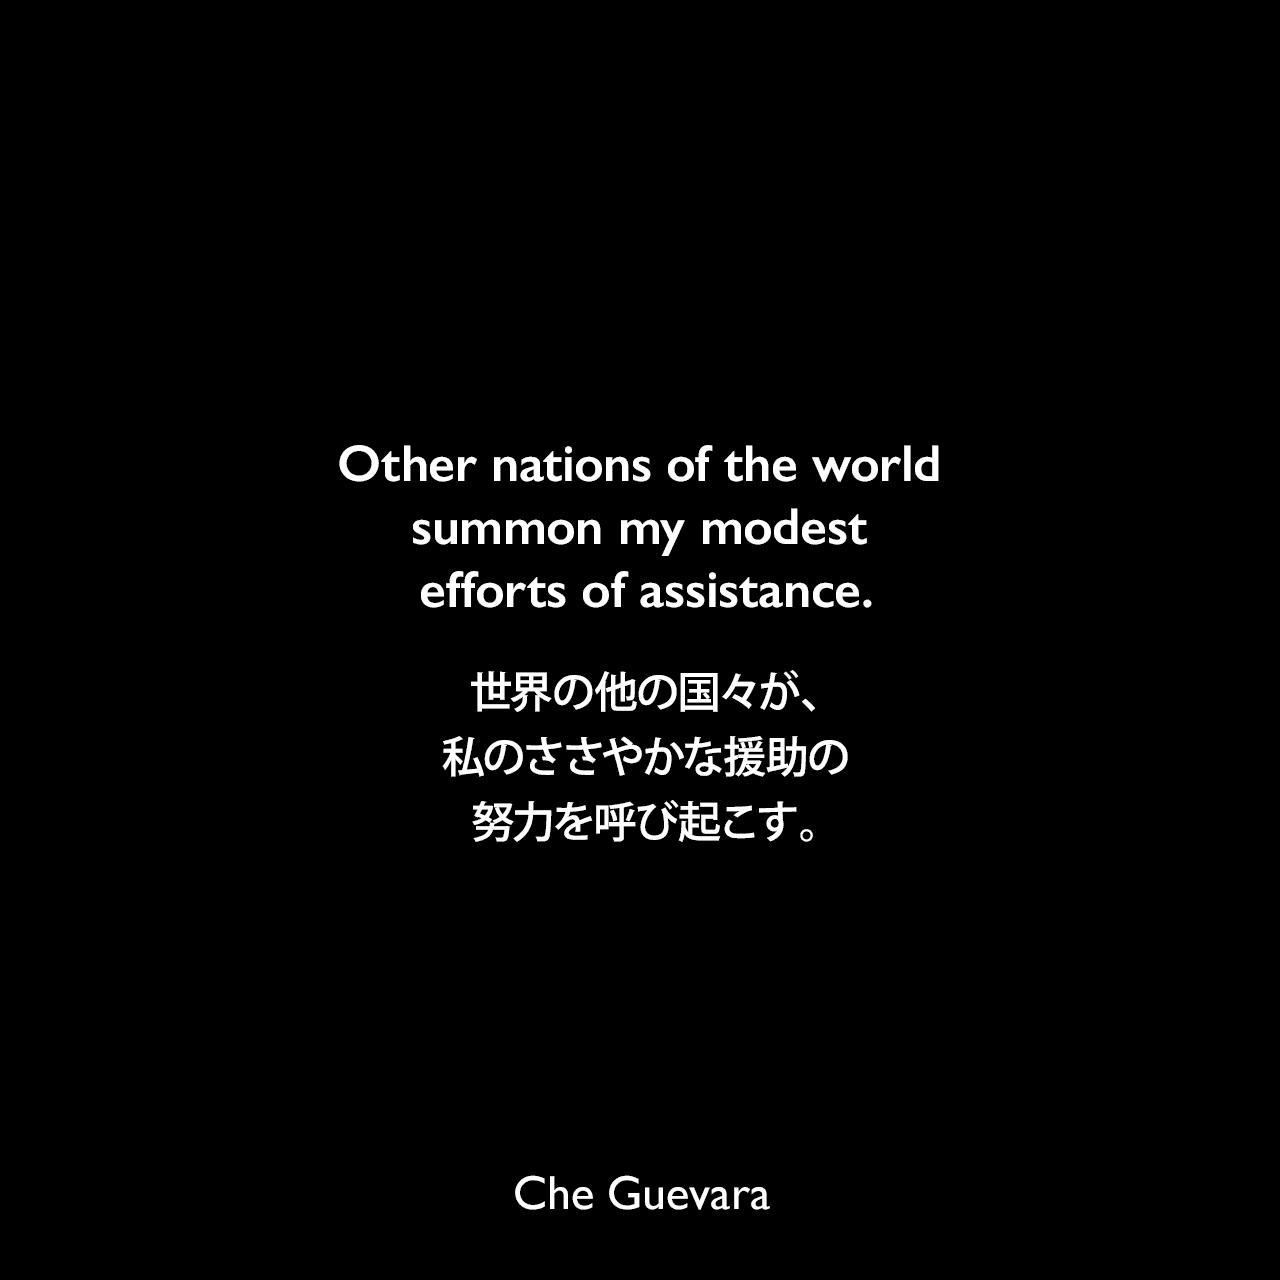 Other nations of the world summon my modest efforts of assistance.世界の他の国々が、私のささやかな援助の努力を呼び起こす。- 1965年4月1日「チェからフィデル・カストロへの別れの手紙」よりChe Guevara